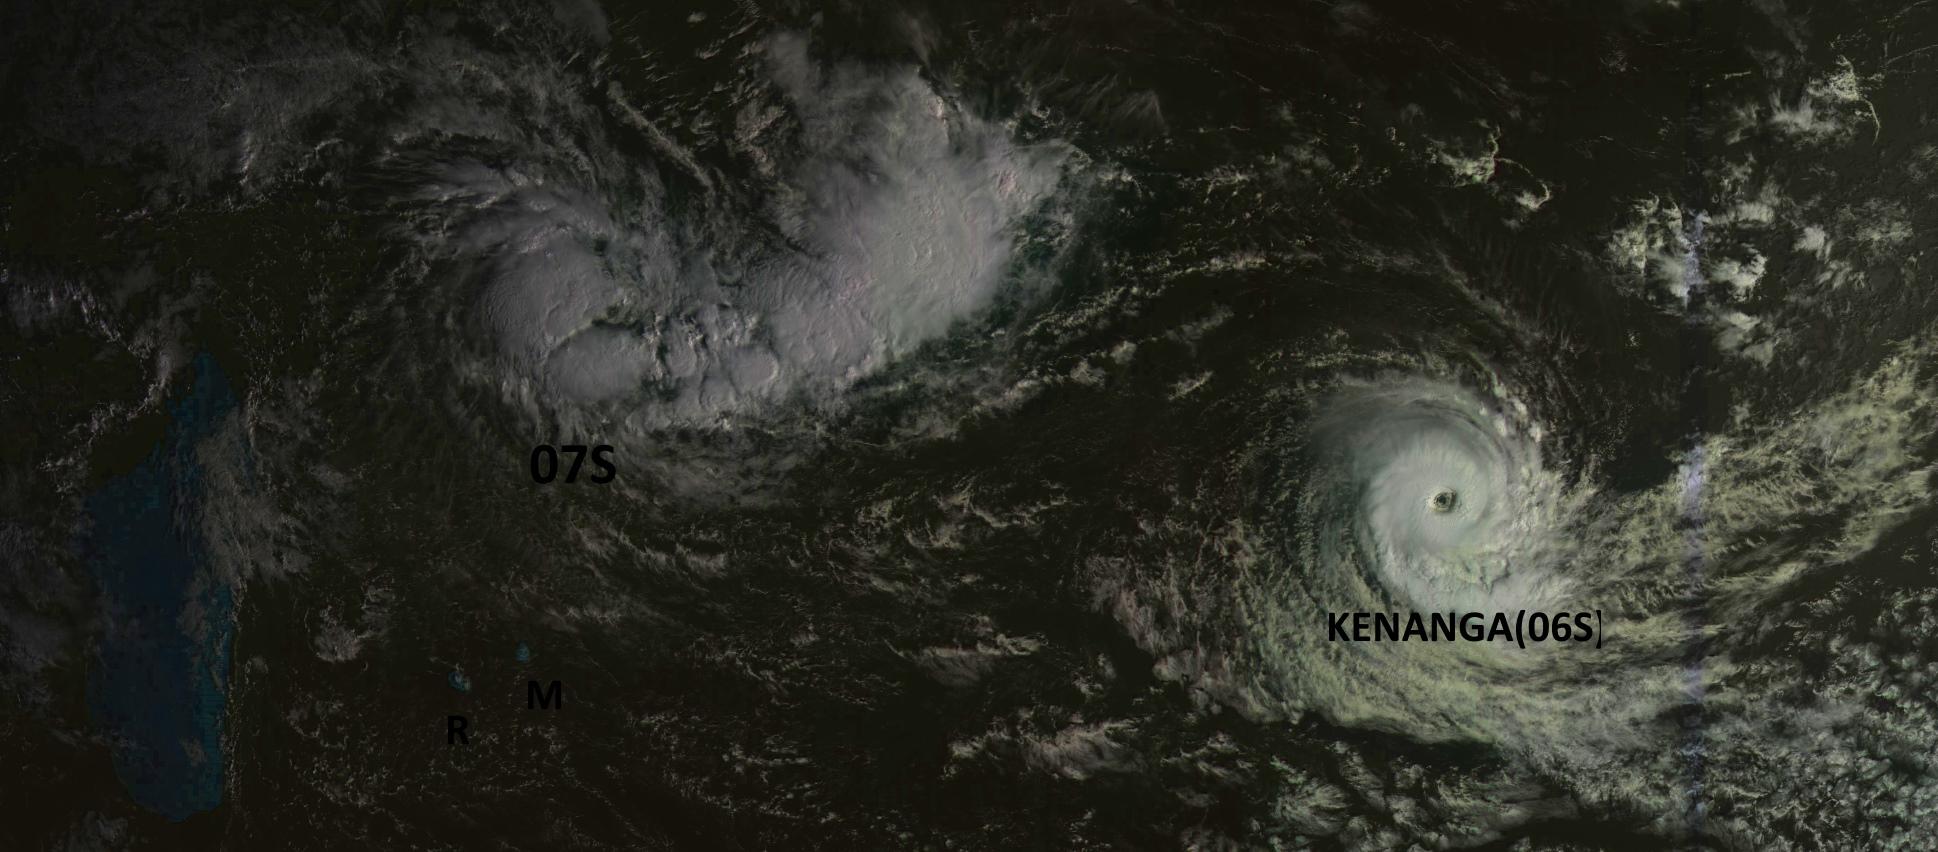 Cliquez sur l'image. Nos deux systèmes capturés ce matin par le satellite géostationnaire russe à 07h30.